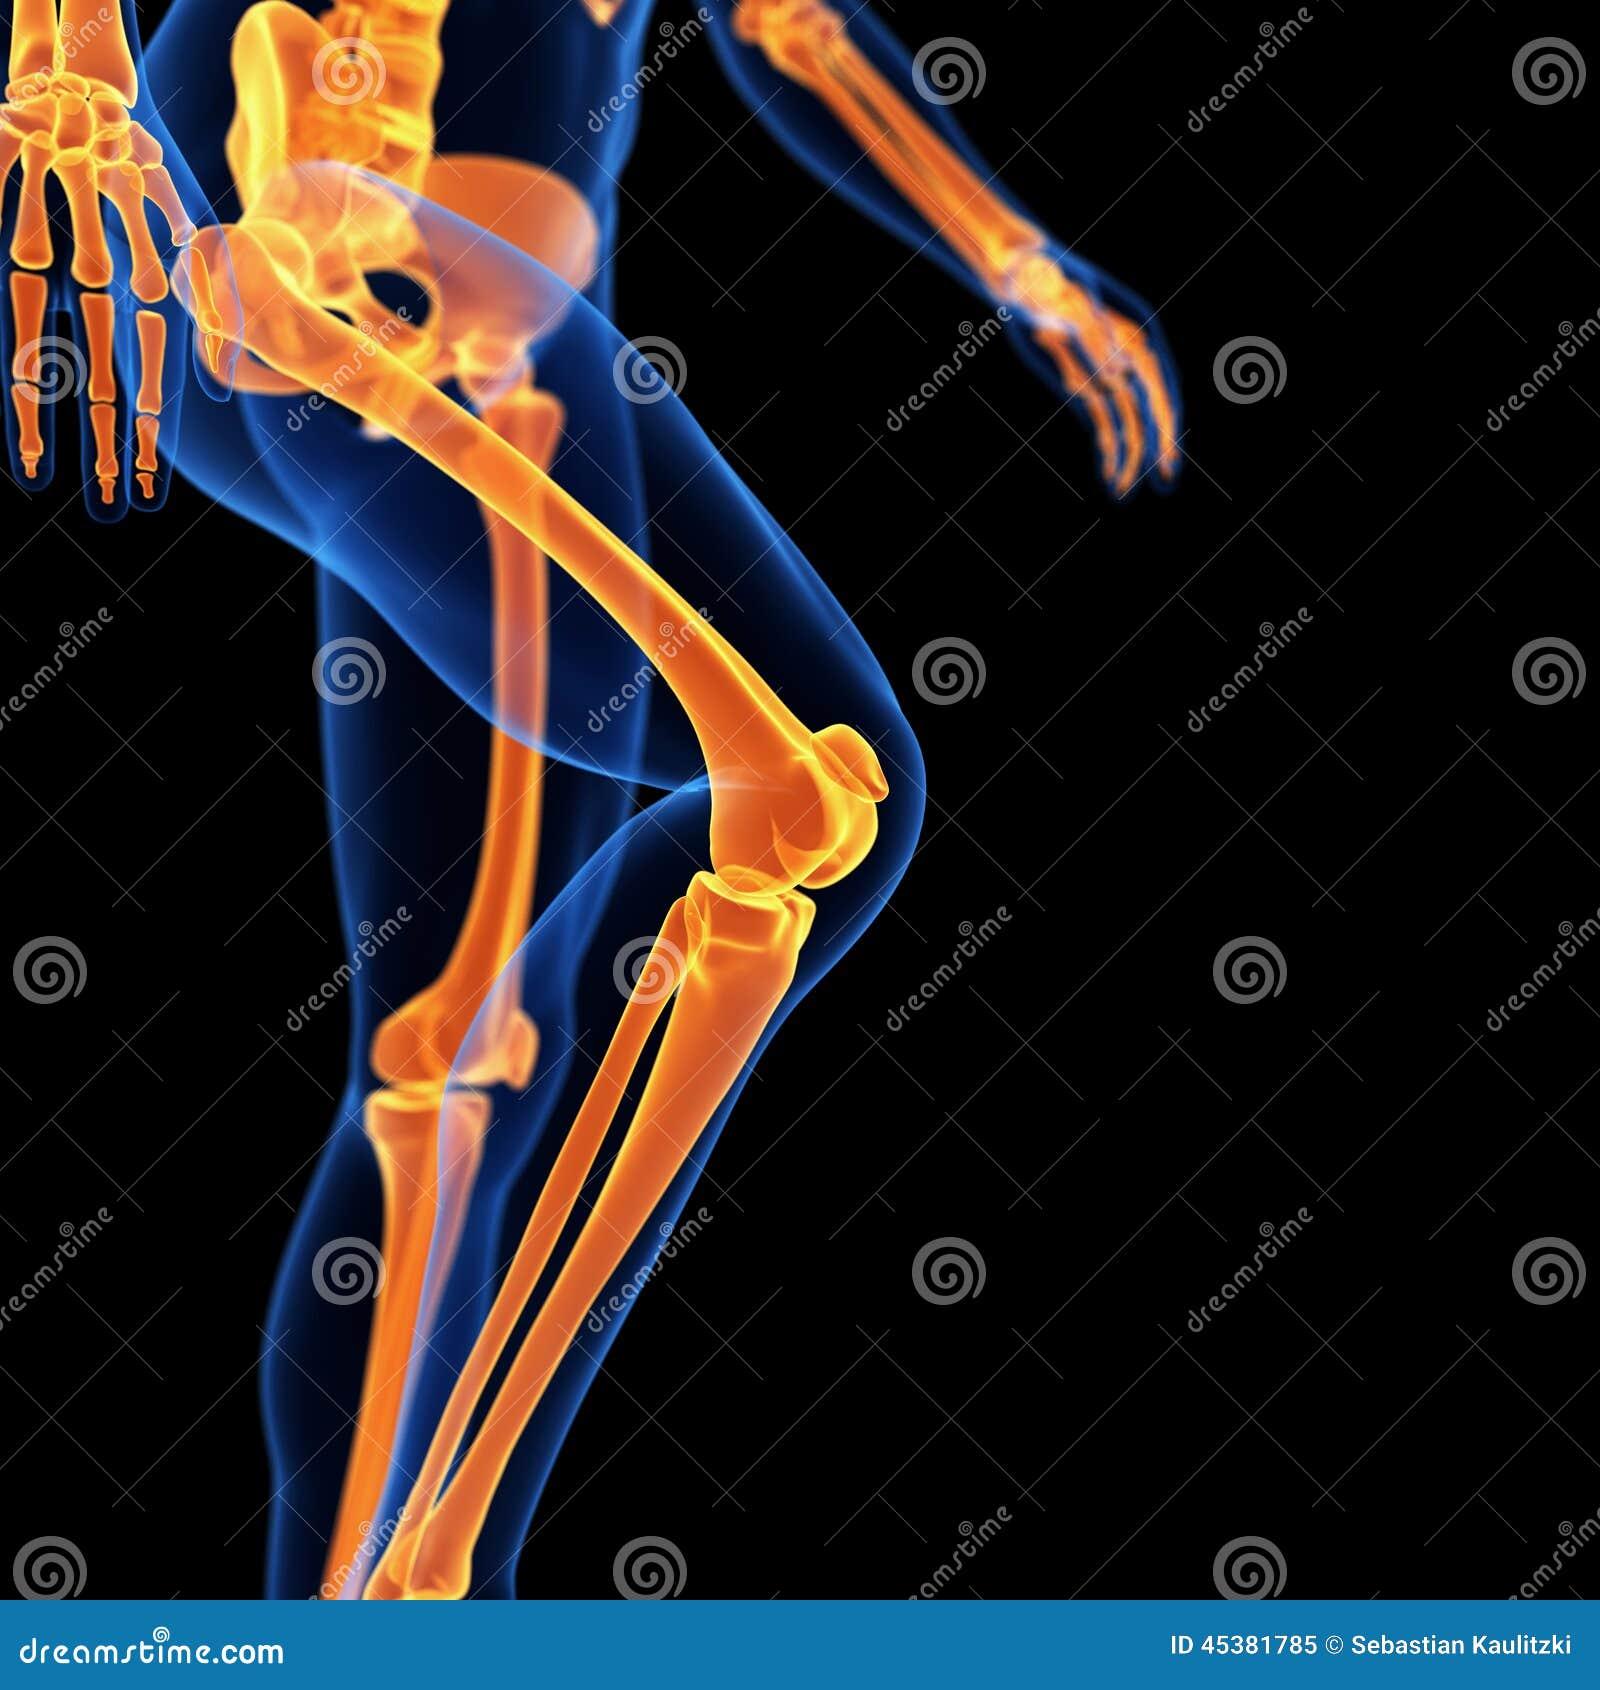 Die Beinknochen stock abbildung. Illustration von physiologie - 45381785